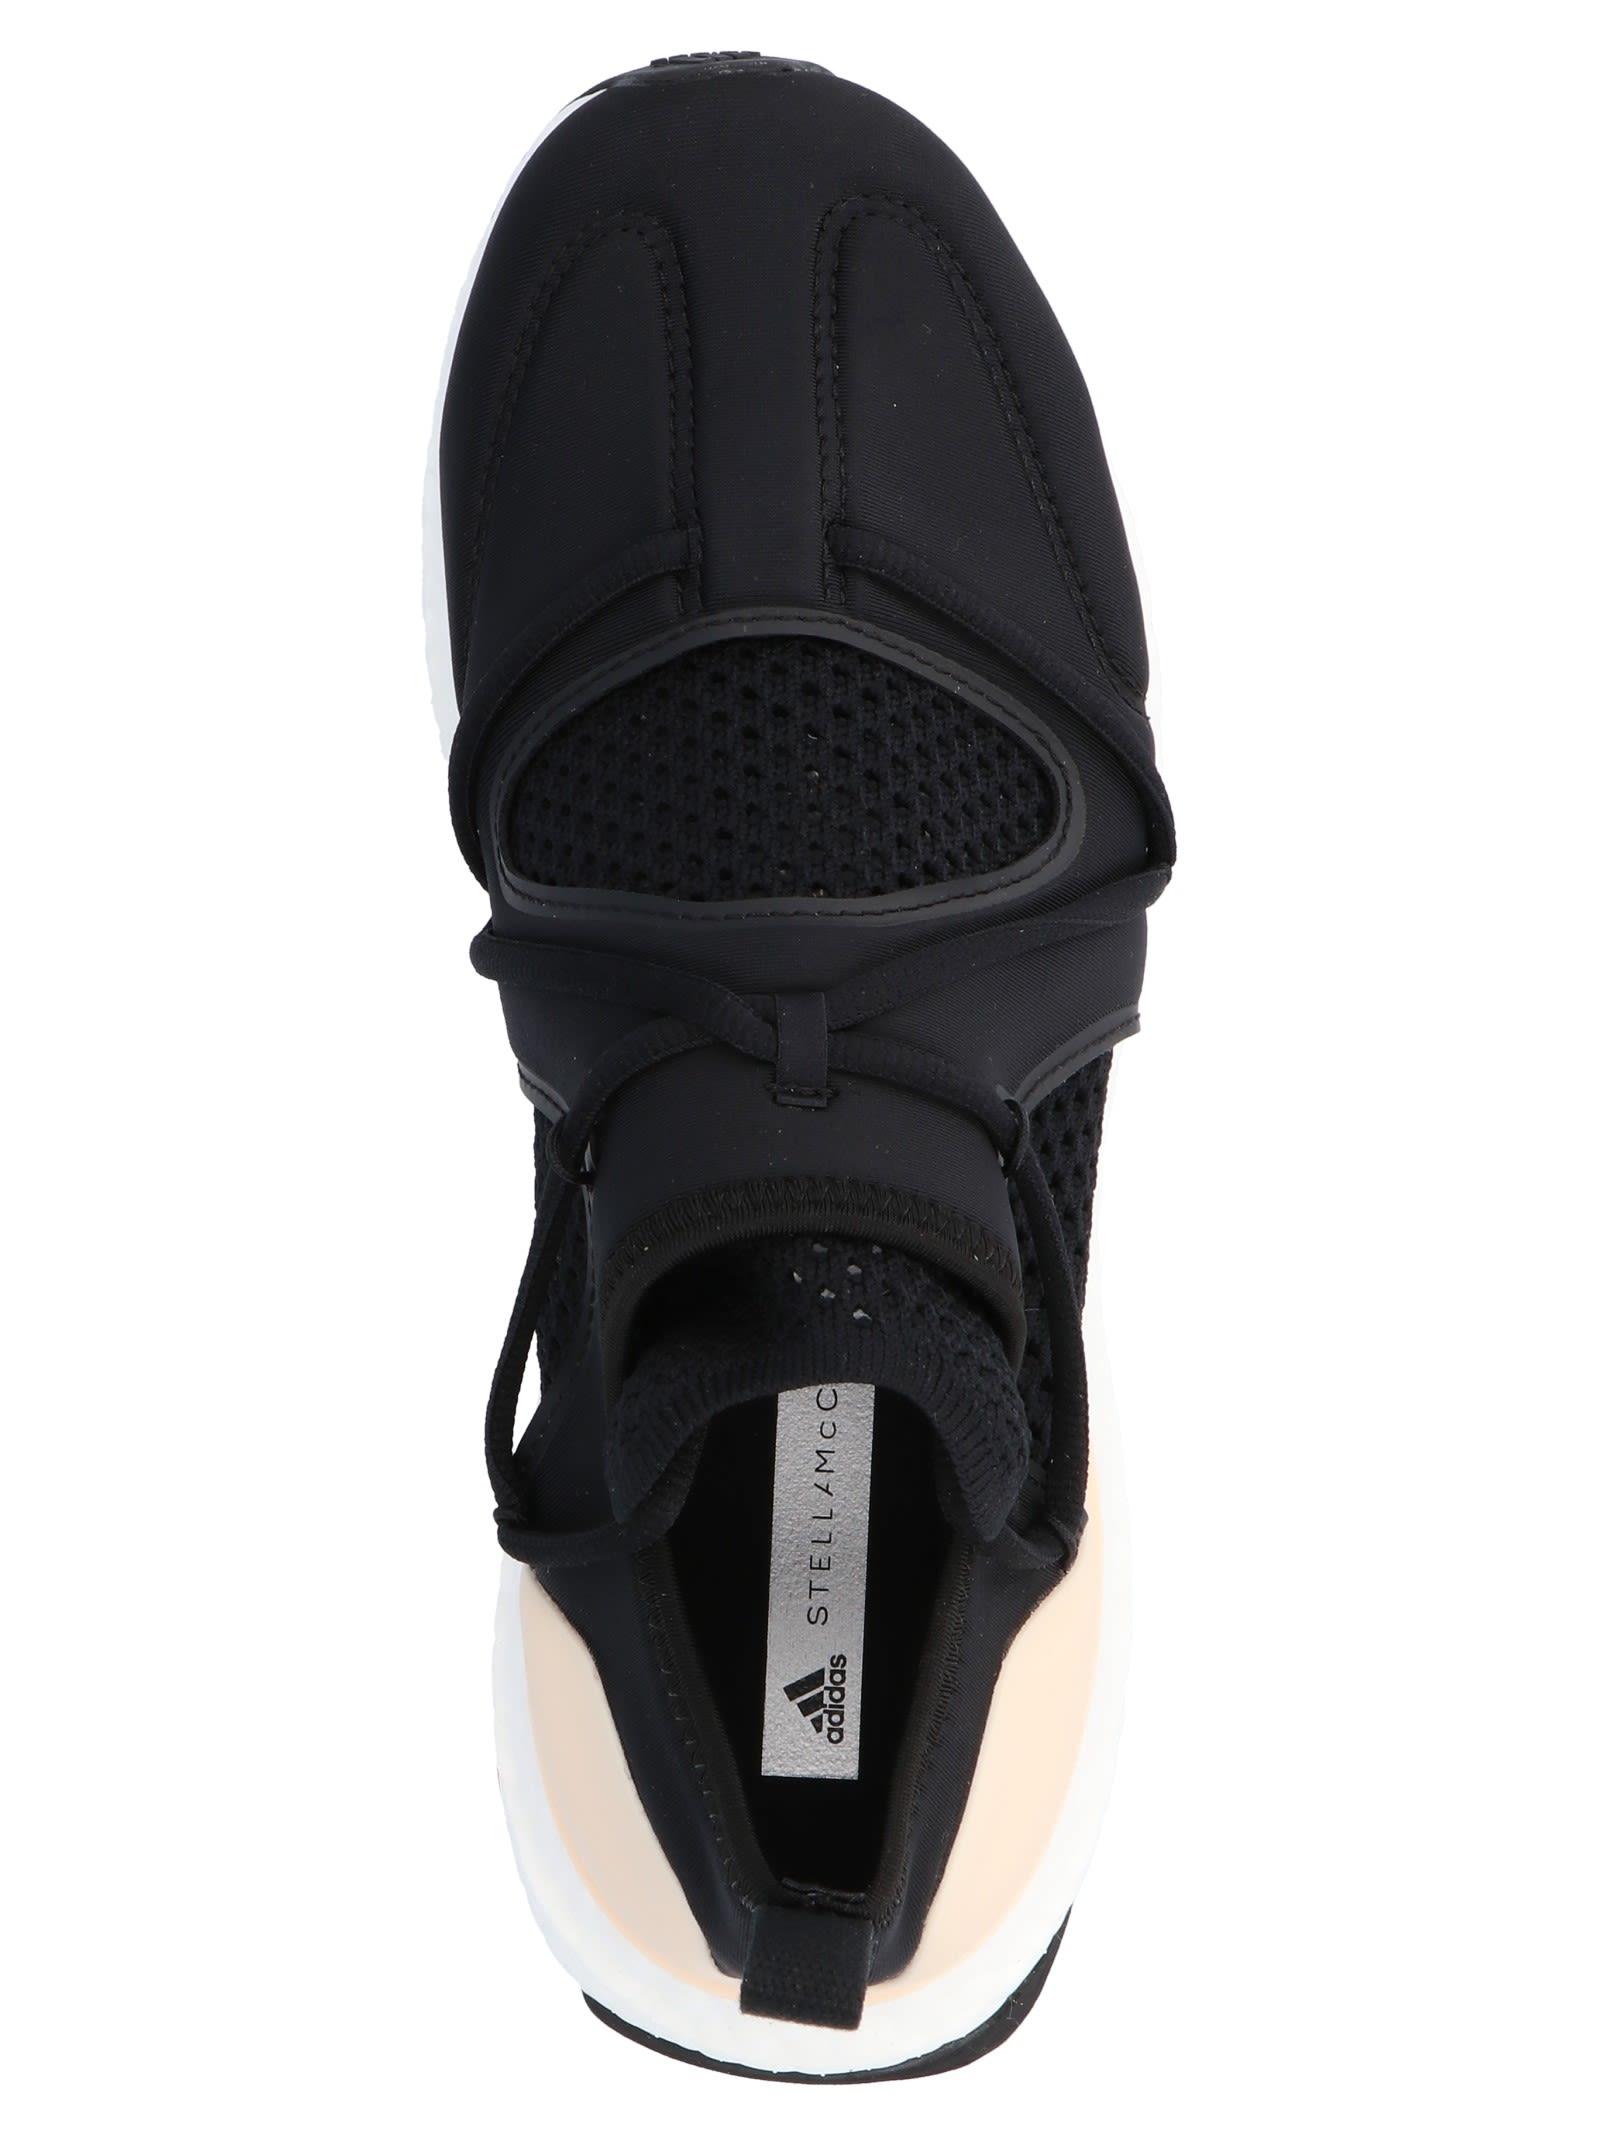 1880680c4 Adidas by Stella McCartney Adidas By Stella Mccartney  ultra Boost ...